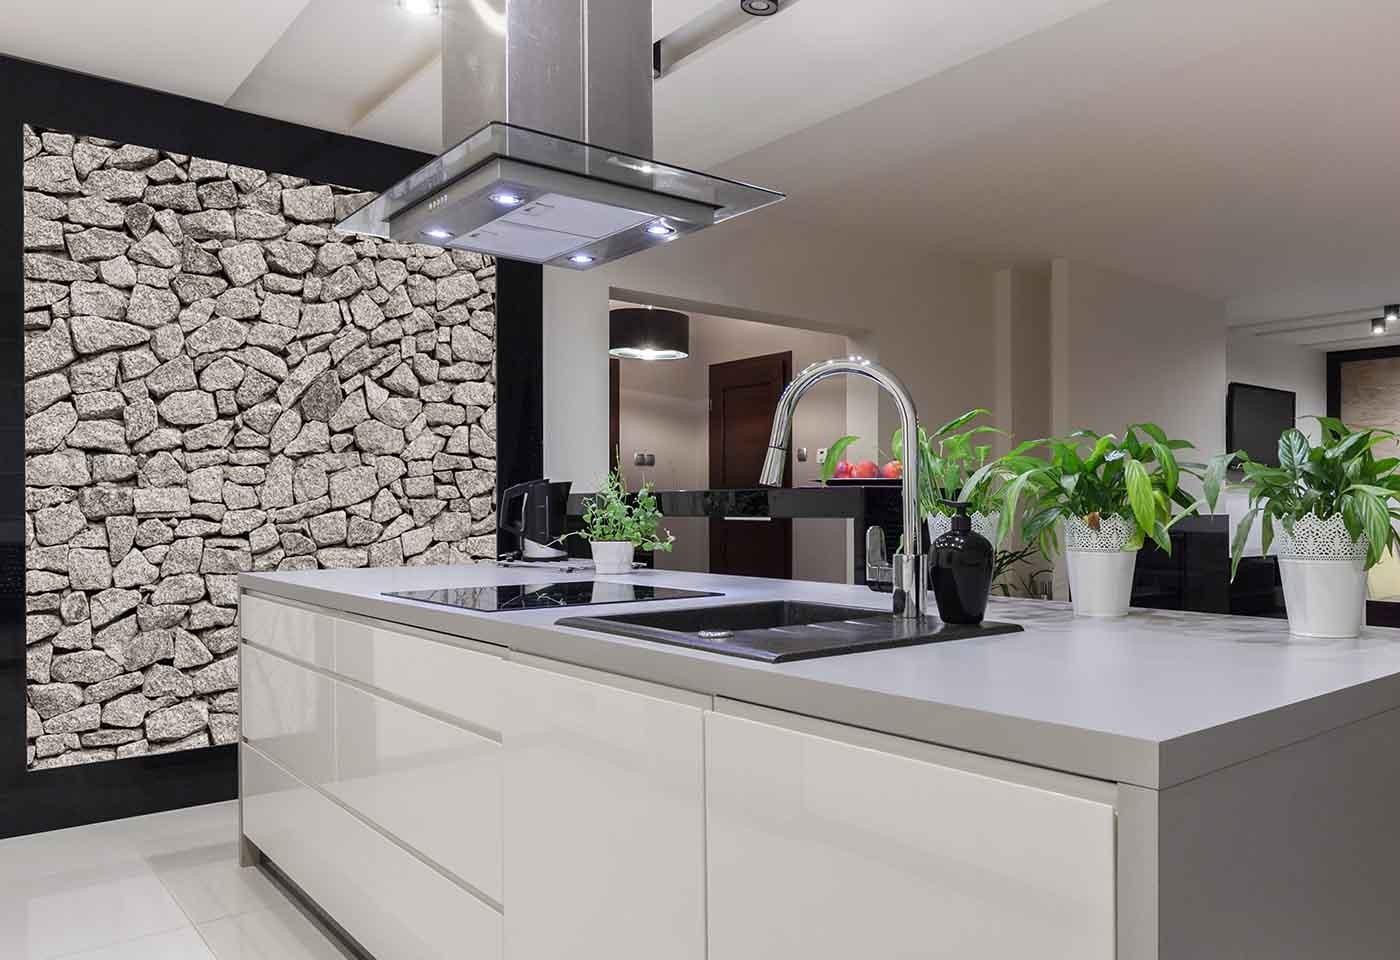 La cucina con isola: consigli e vantaggi